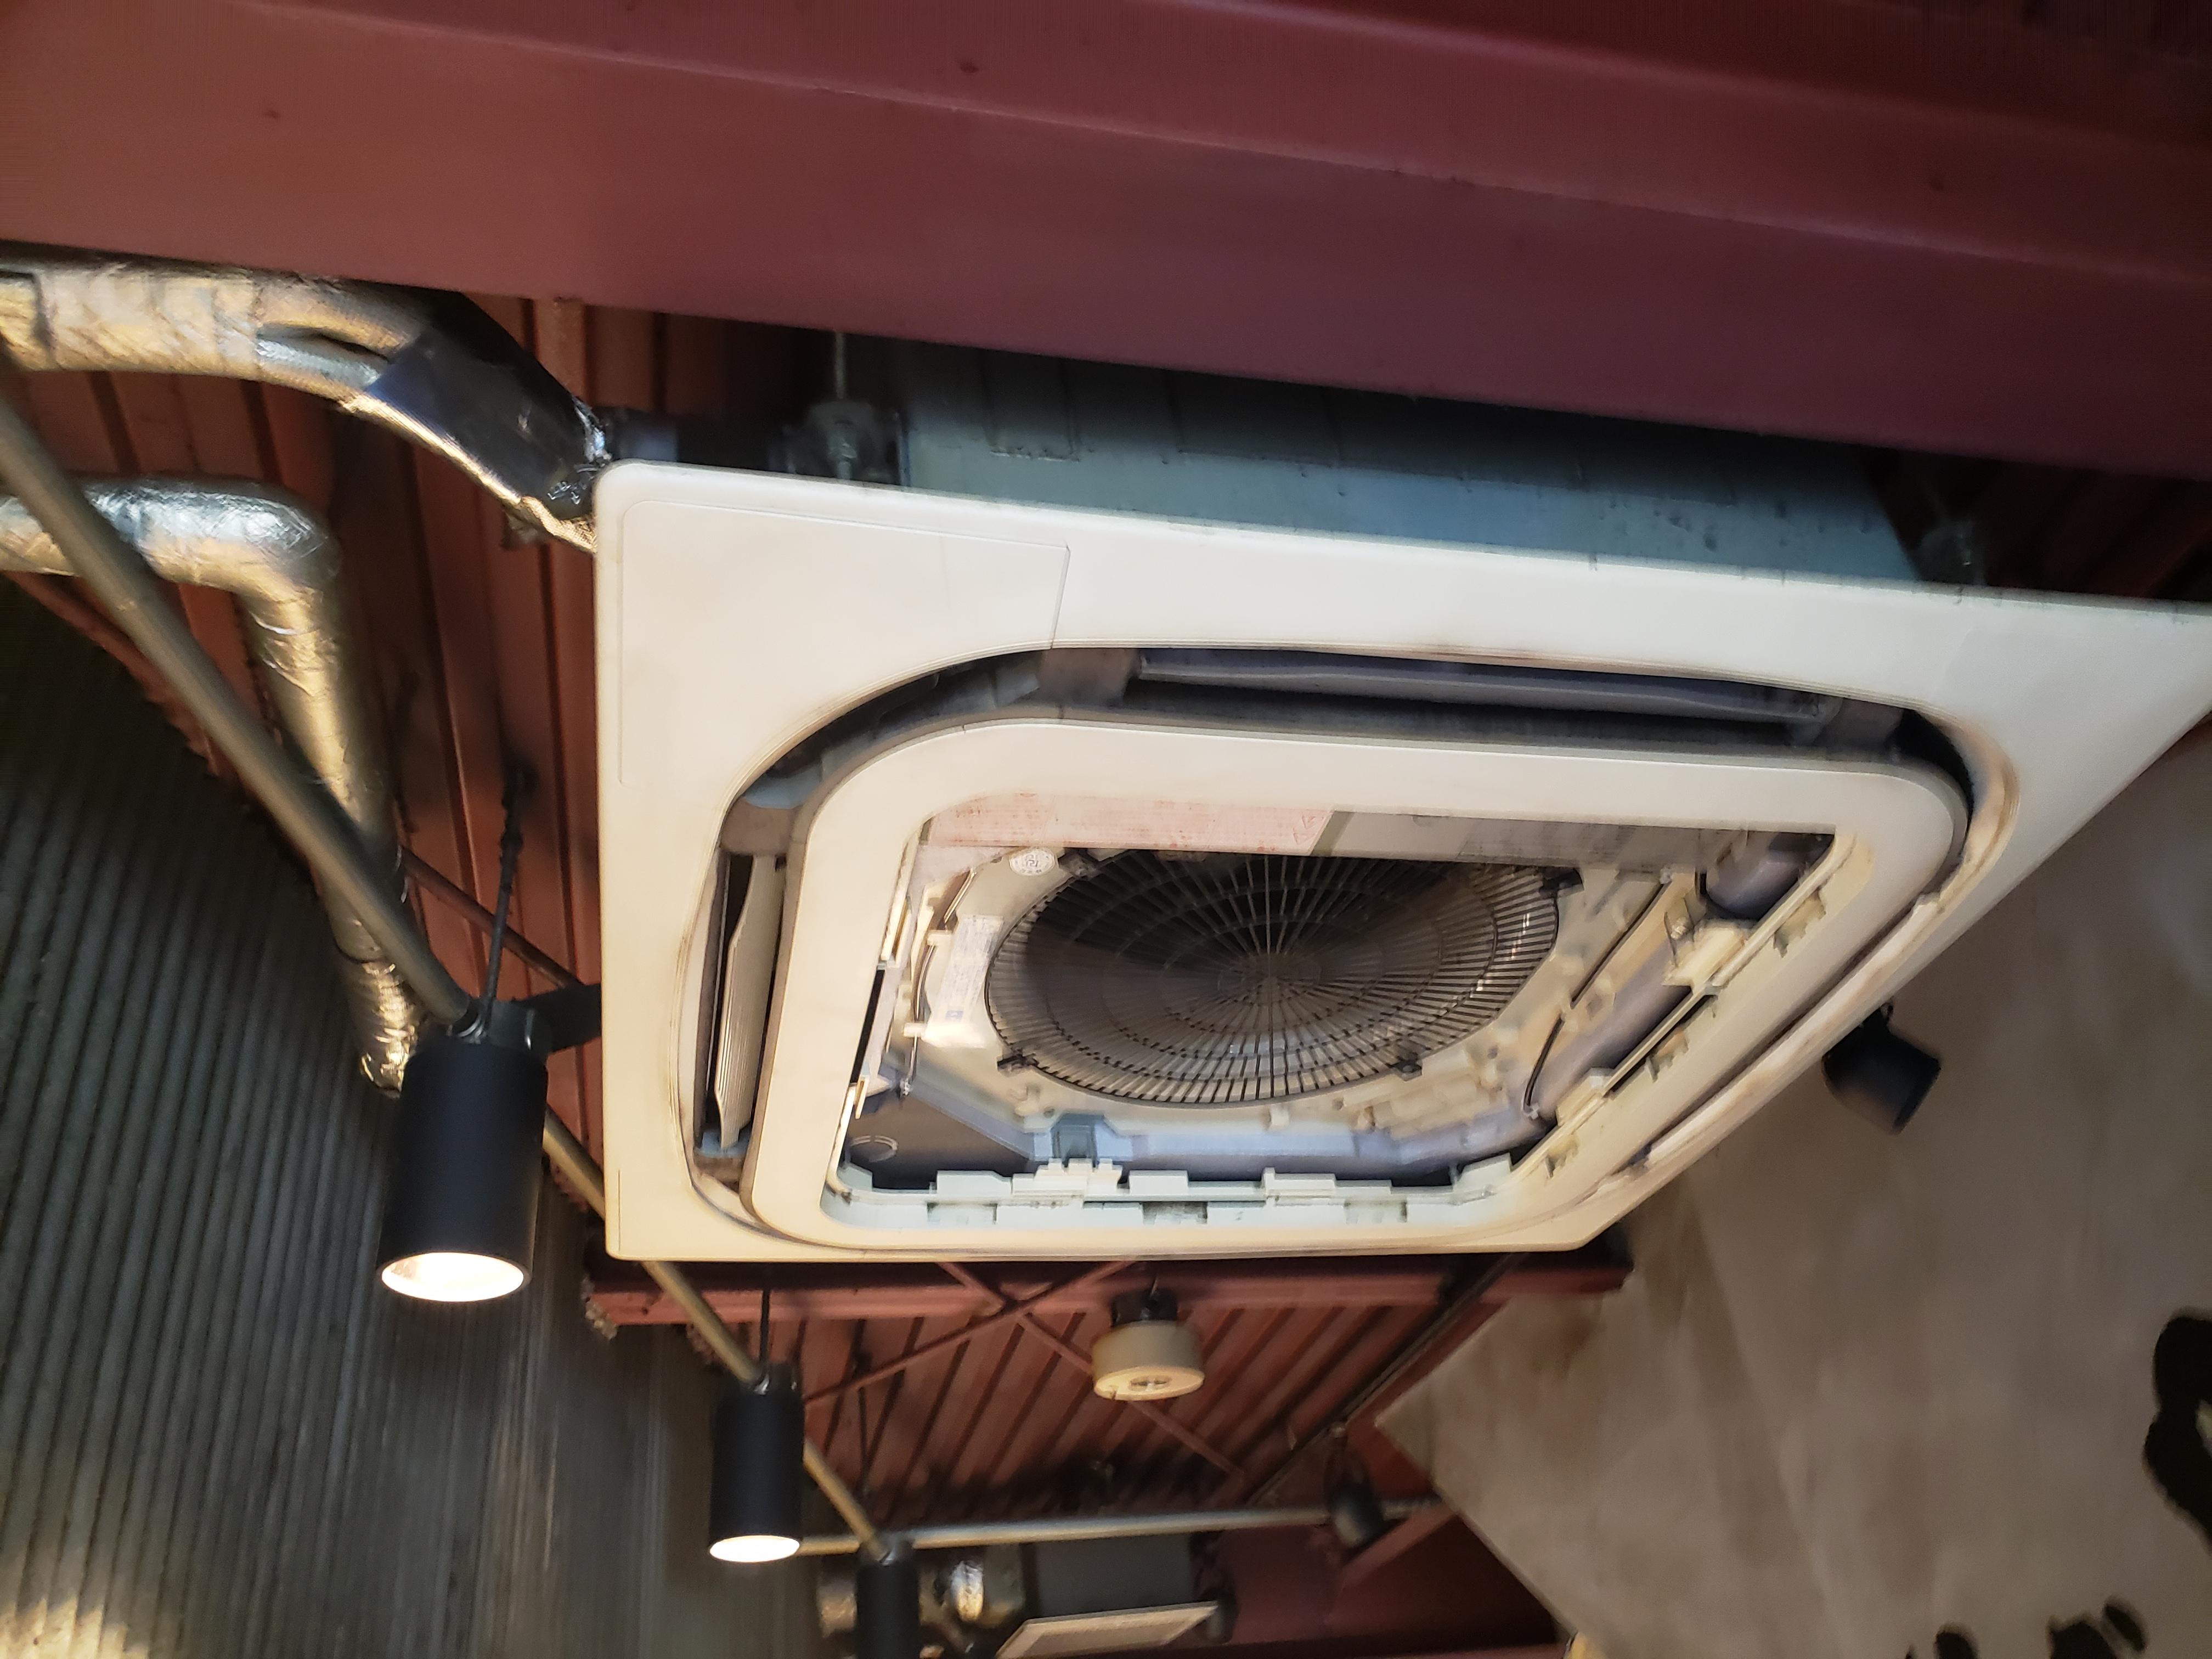 店の用務用エアコン、掃除してますか?室内機の上にはネズミの巣が。。。